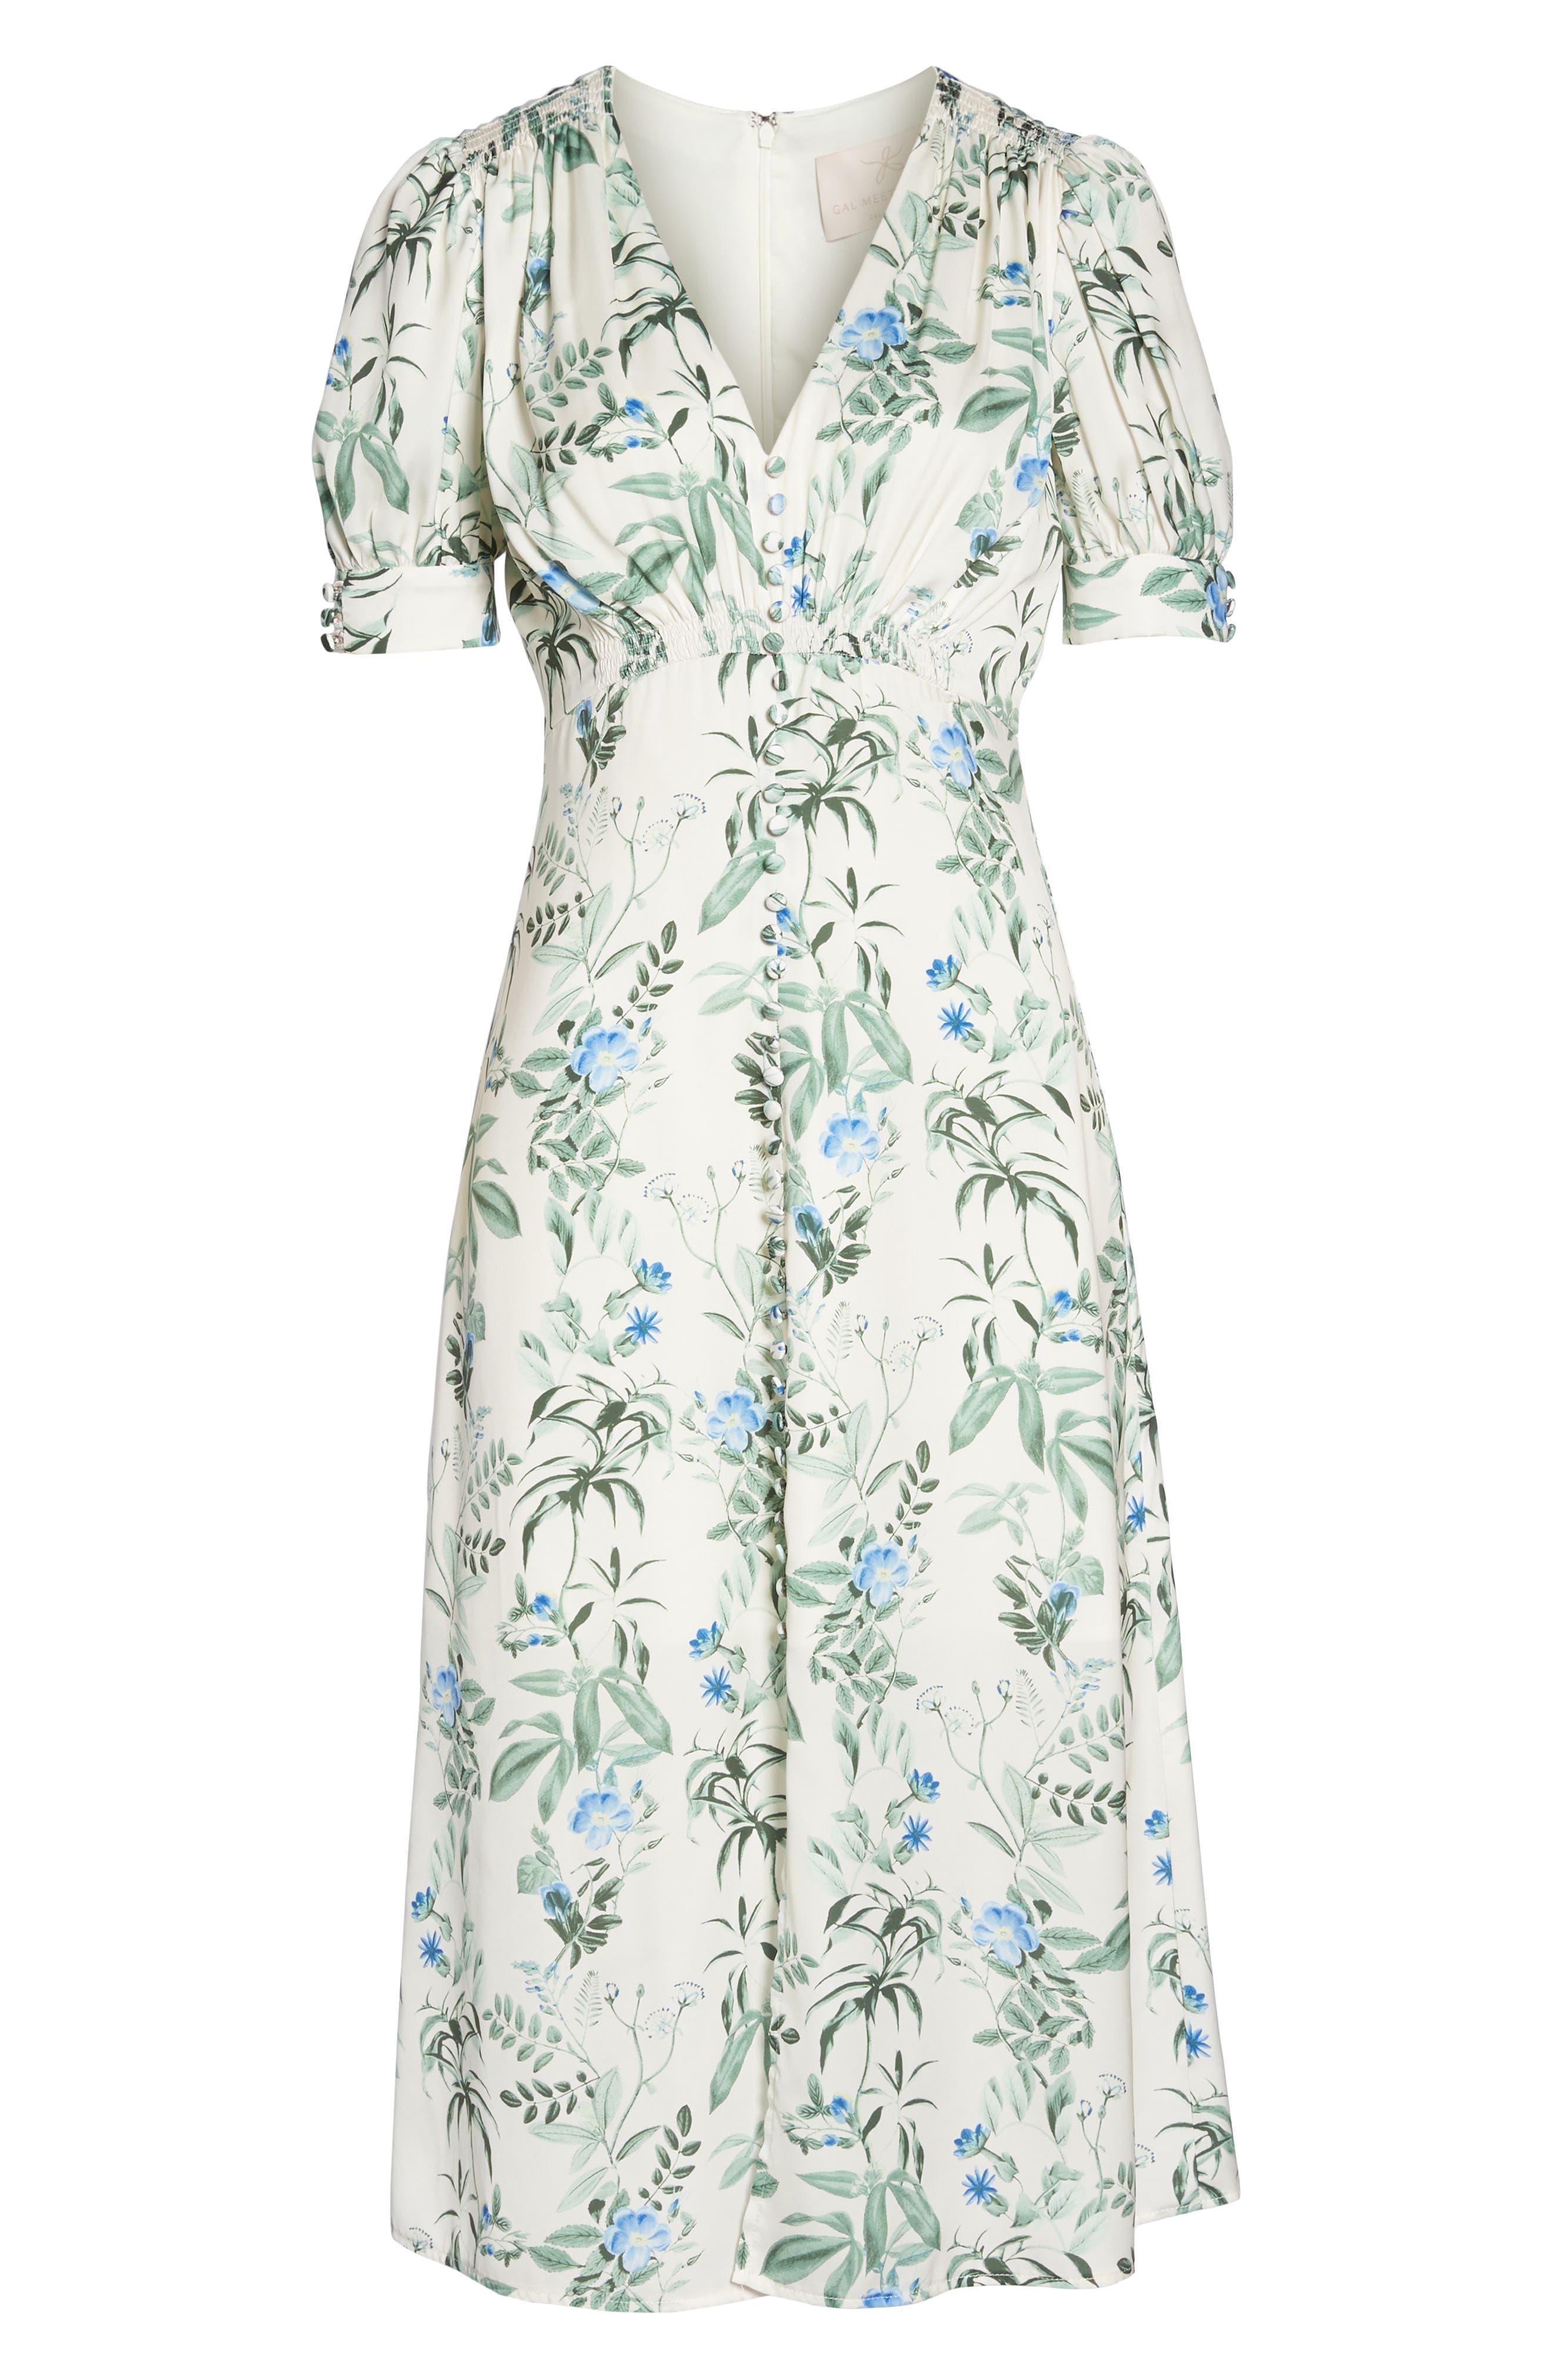 Lauren Botanical Garden Print Midi Dress,                             Alternate thumbnail 8, color,                             Bone/ Blue